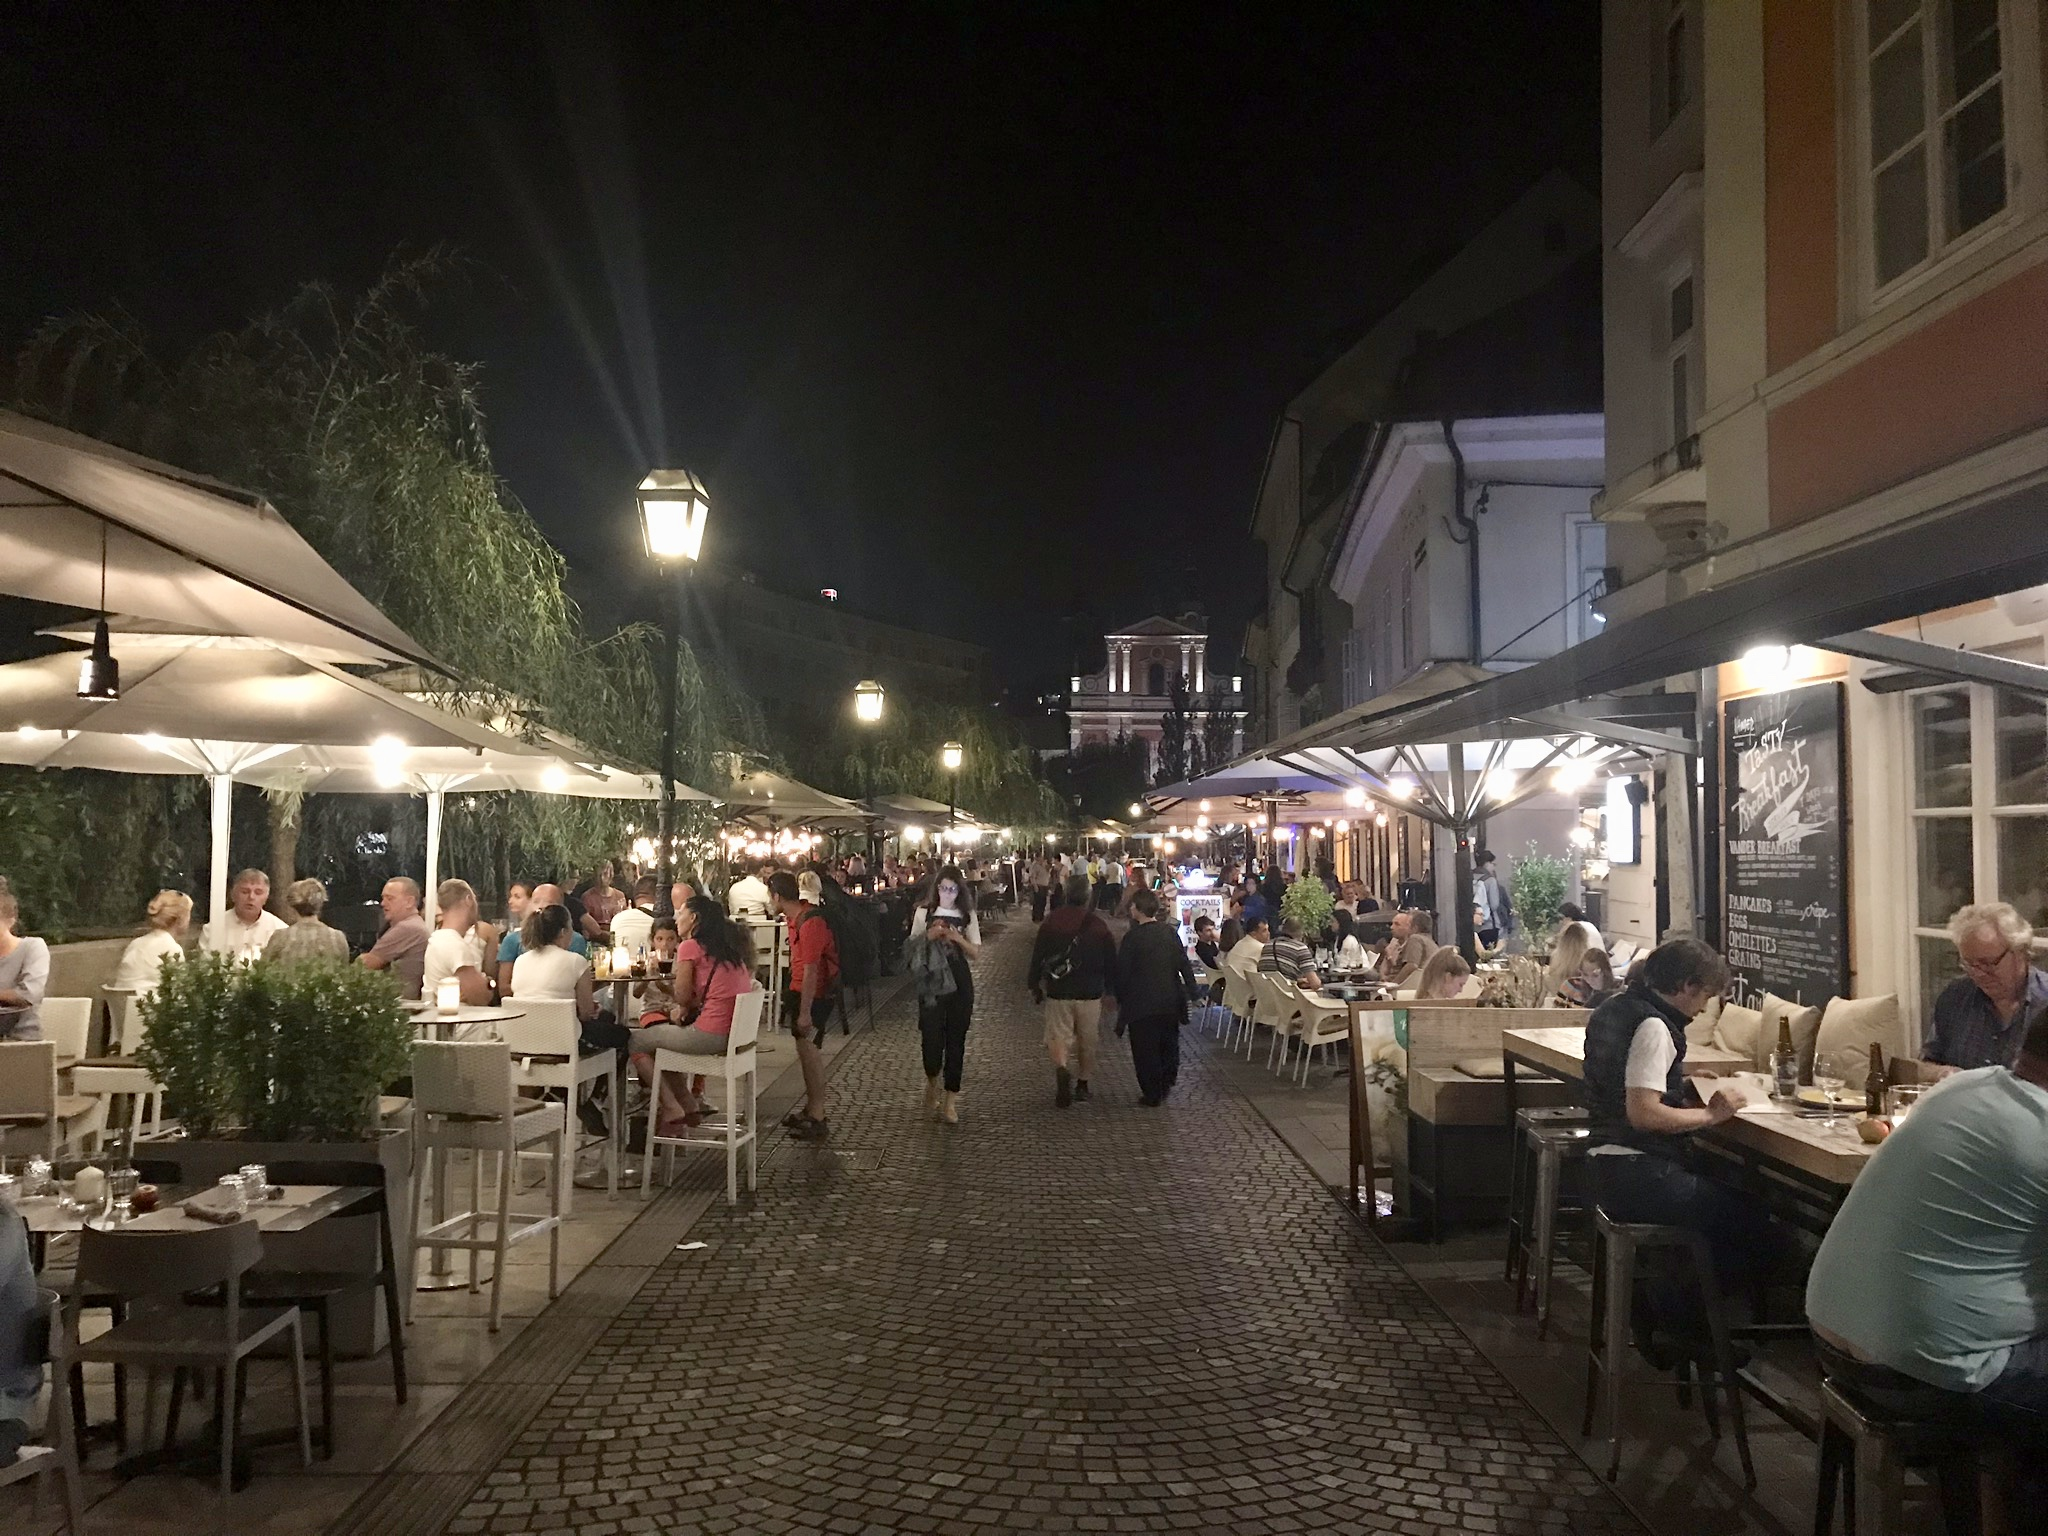 River walk med alla barer och restauranger